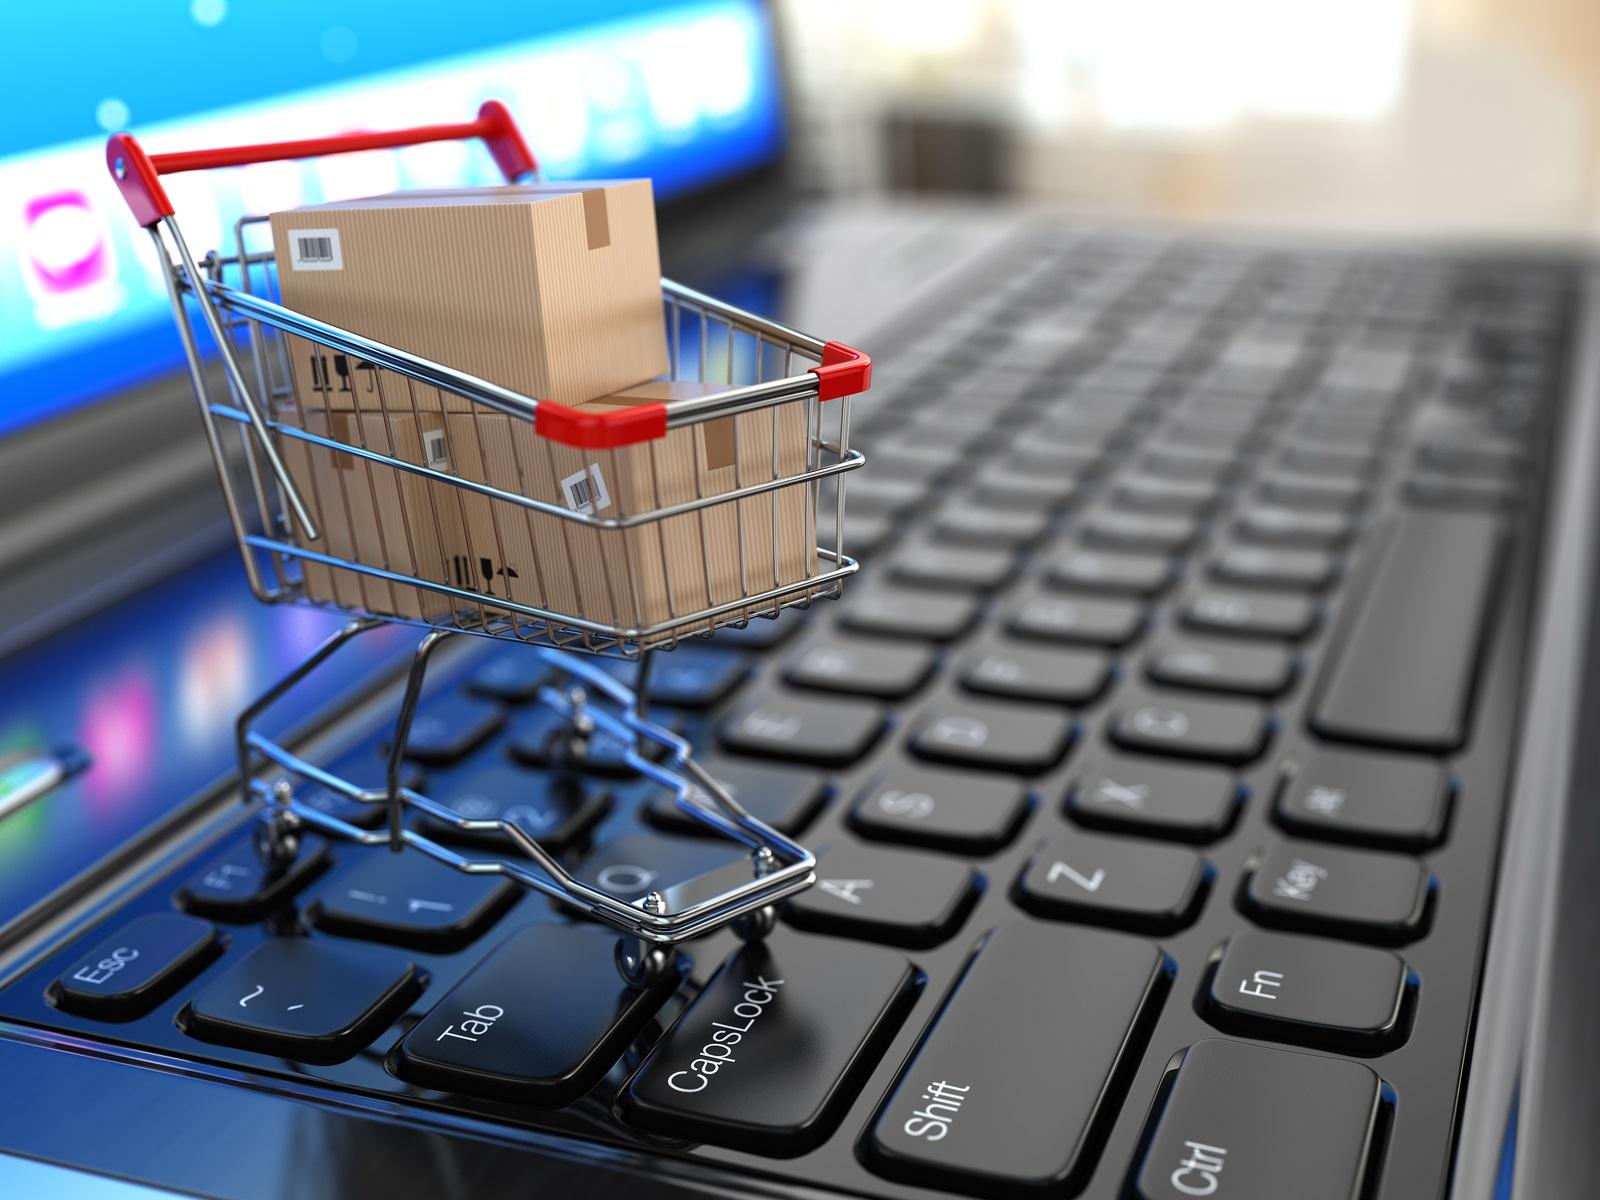 65973f512d6f81 L 87% degli italiani che navigano in rete dichiara di fare acquisti online.  Tuttavia il ruolo del negozio fisico rimane decisivo.